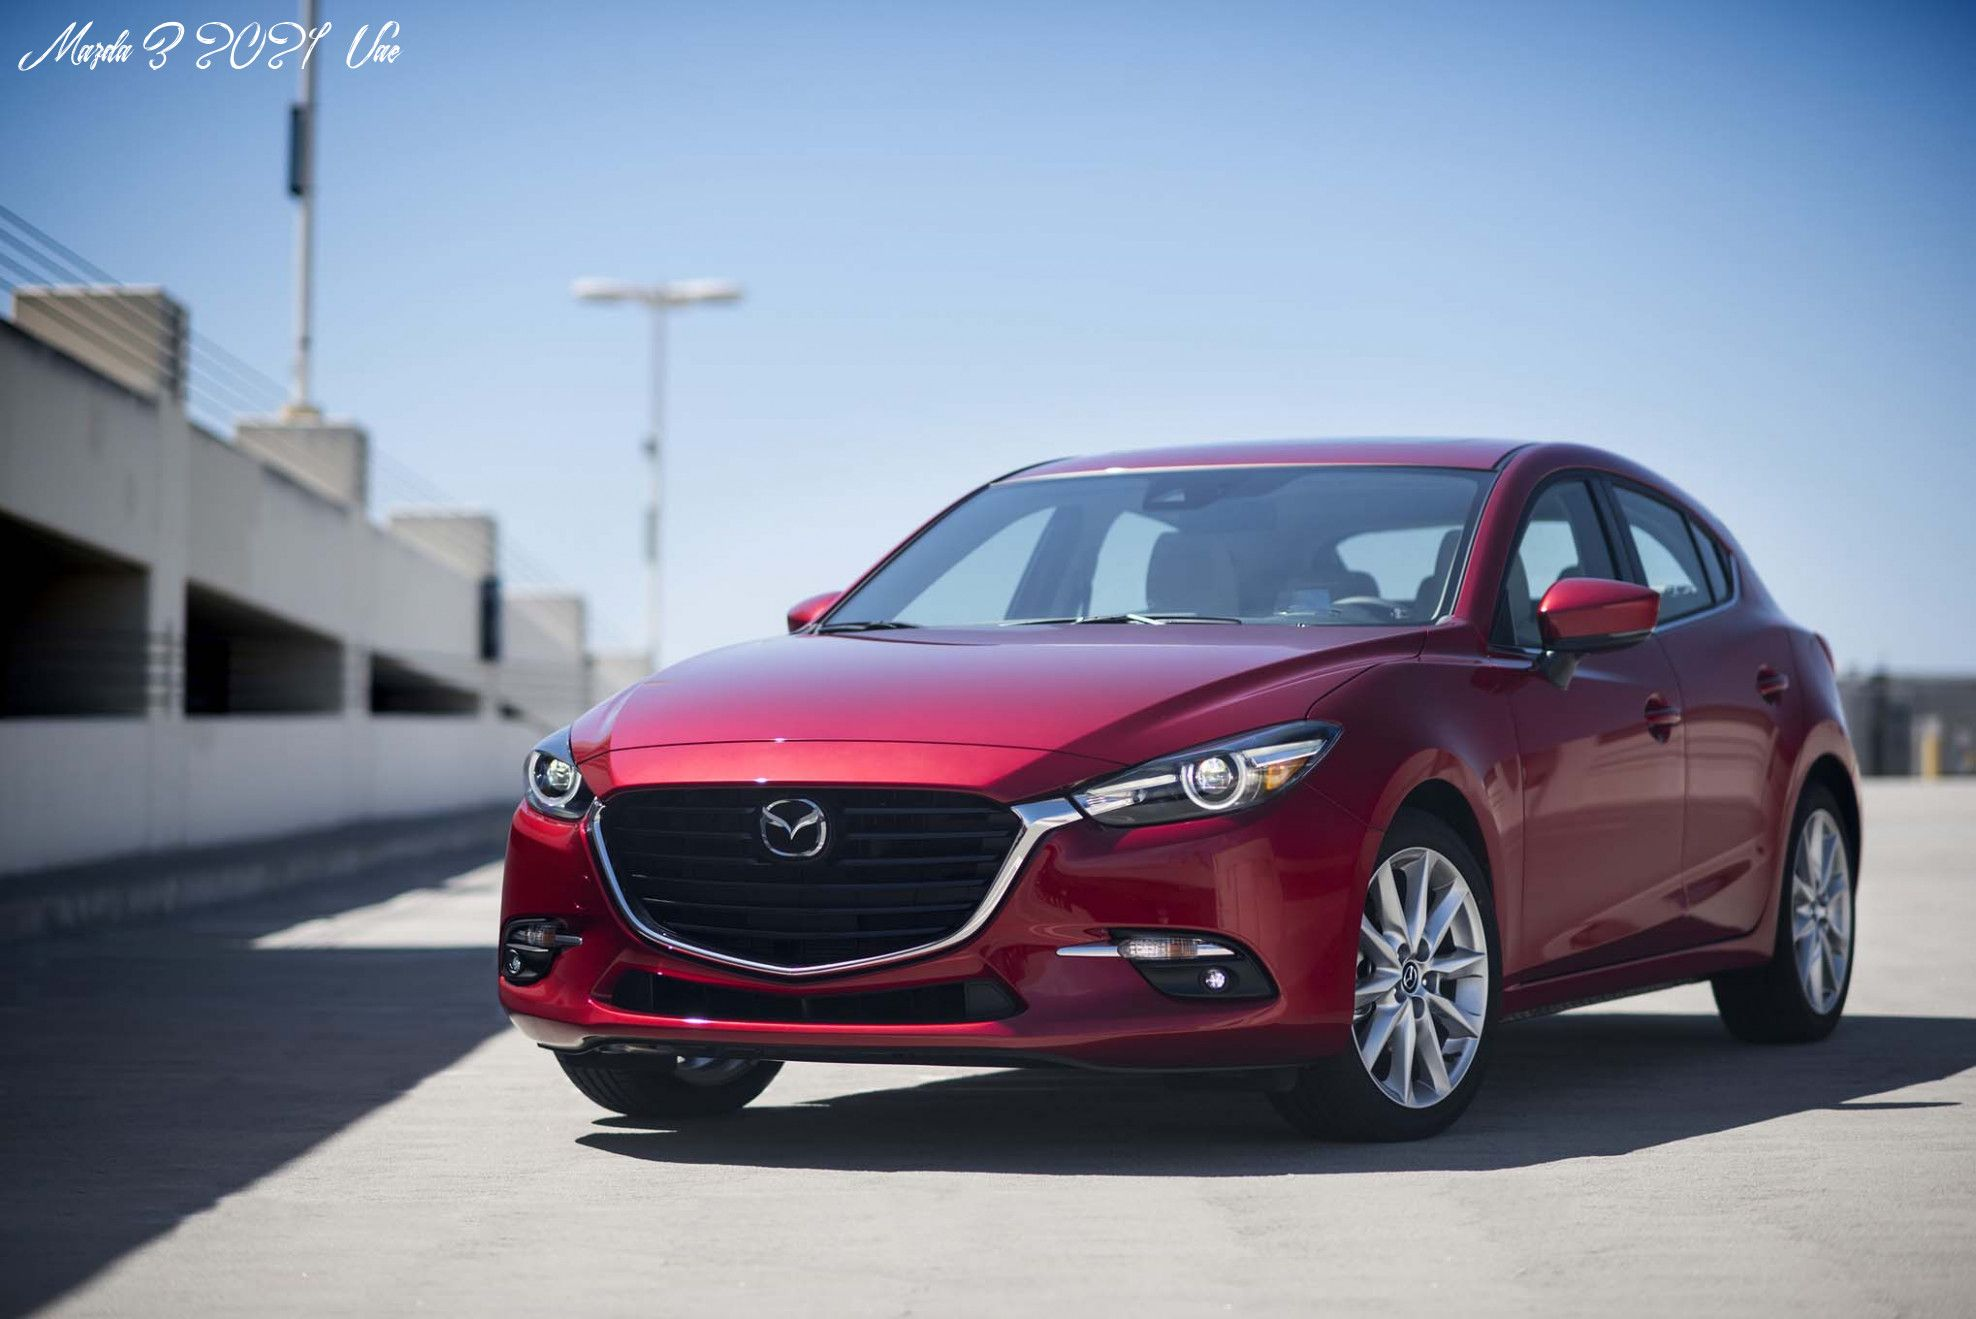 Mazda 3 2021 Uae Style in 2020 Mazda, Car review, Mazda cars